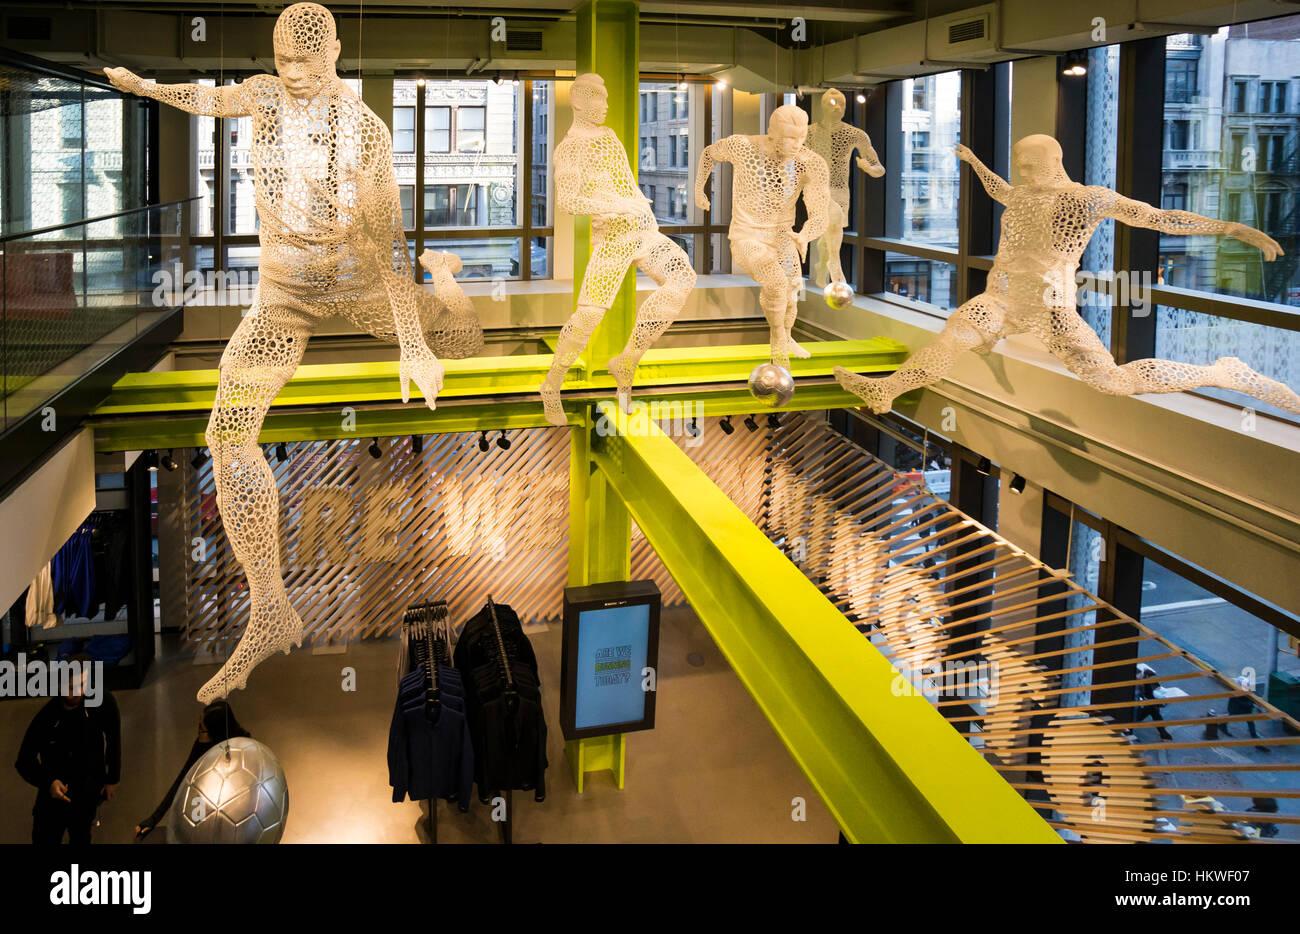 Avispón Aprendiz Mínimo  Nike Soho Store in New York City Stock Photo - Alamy